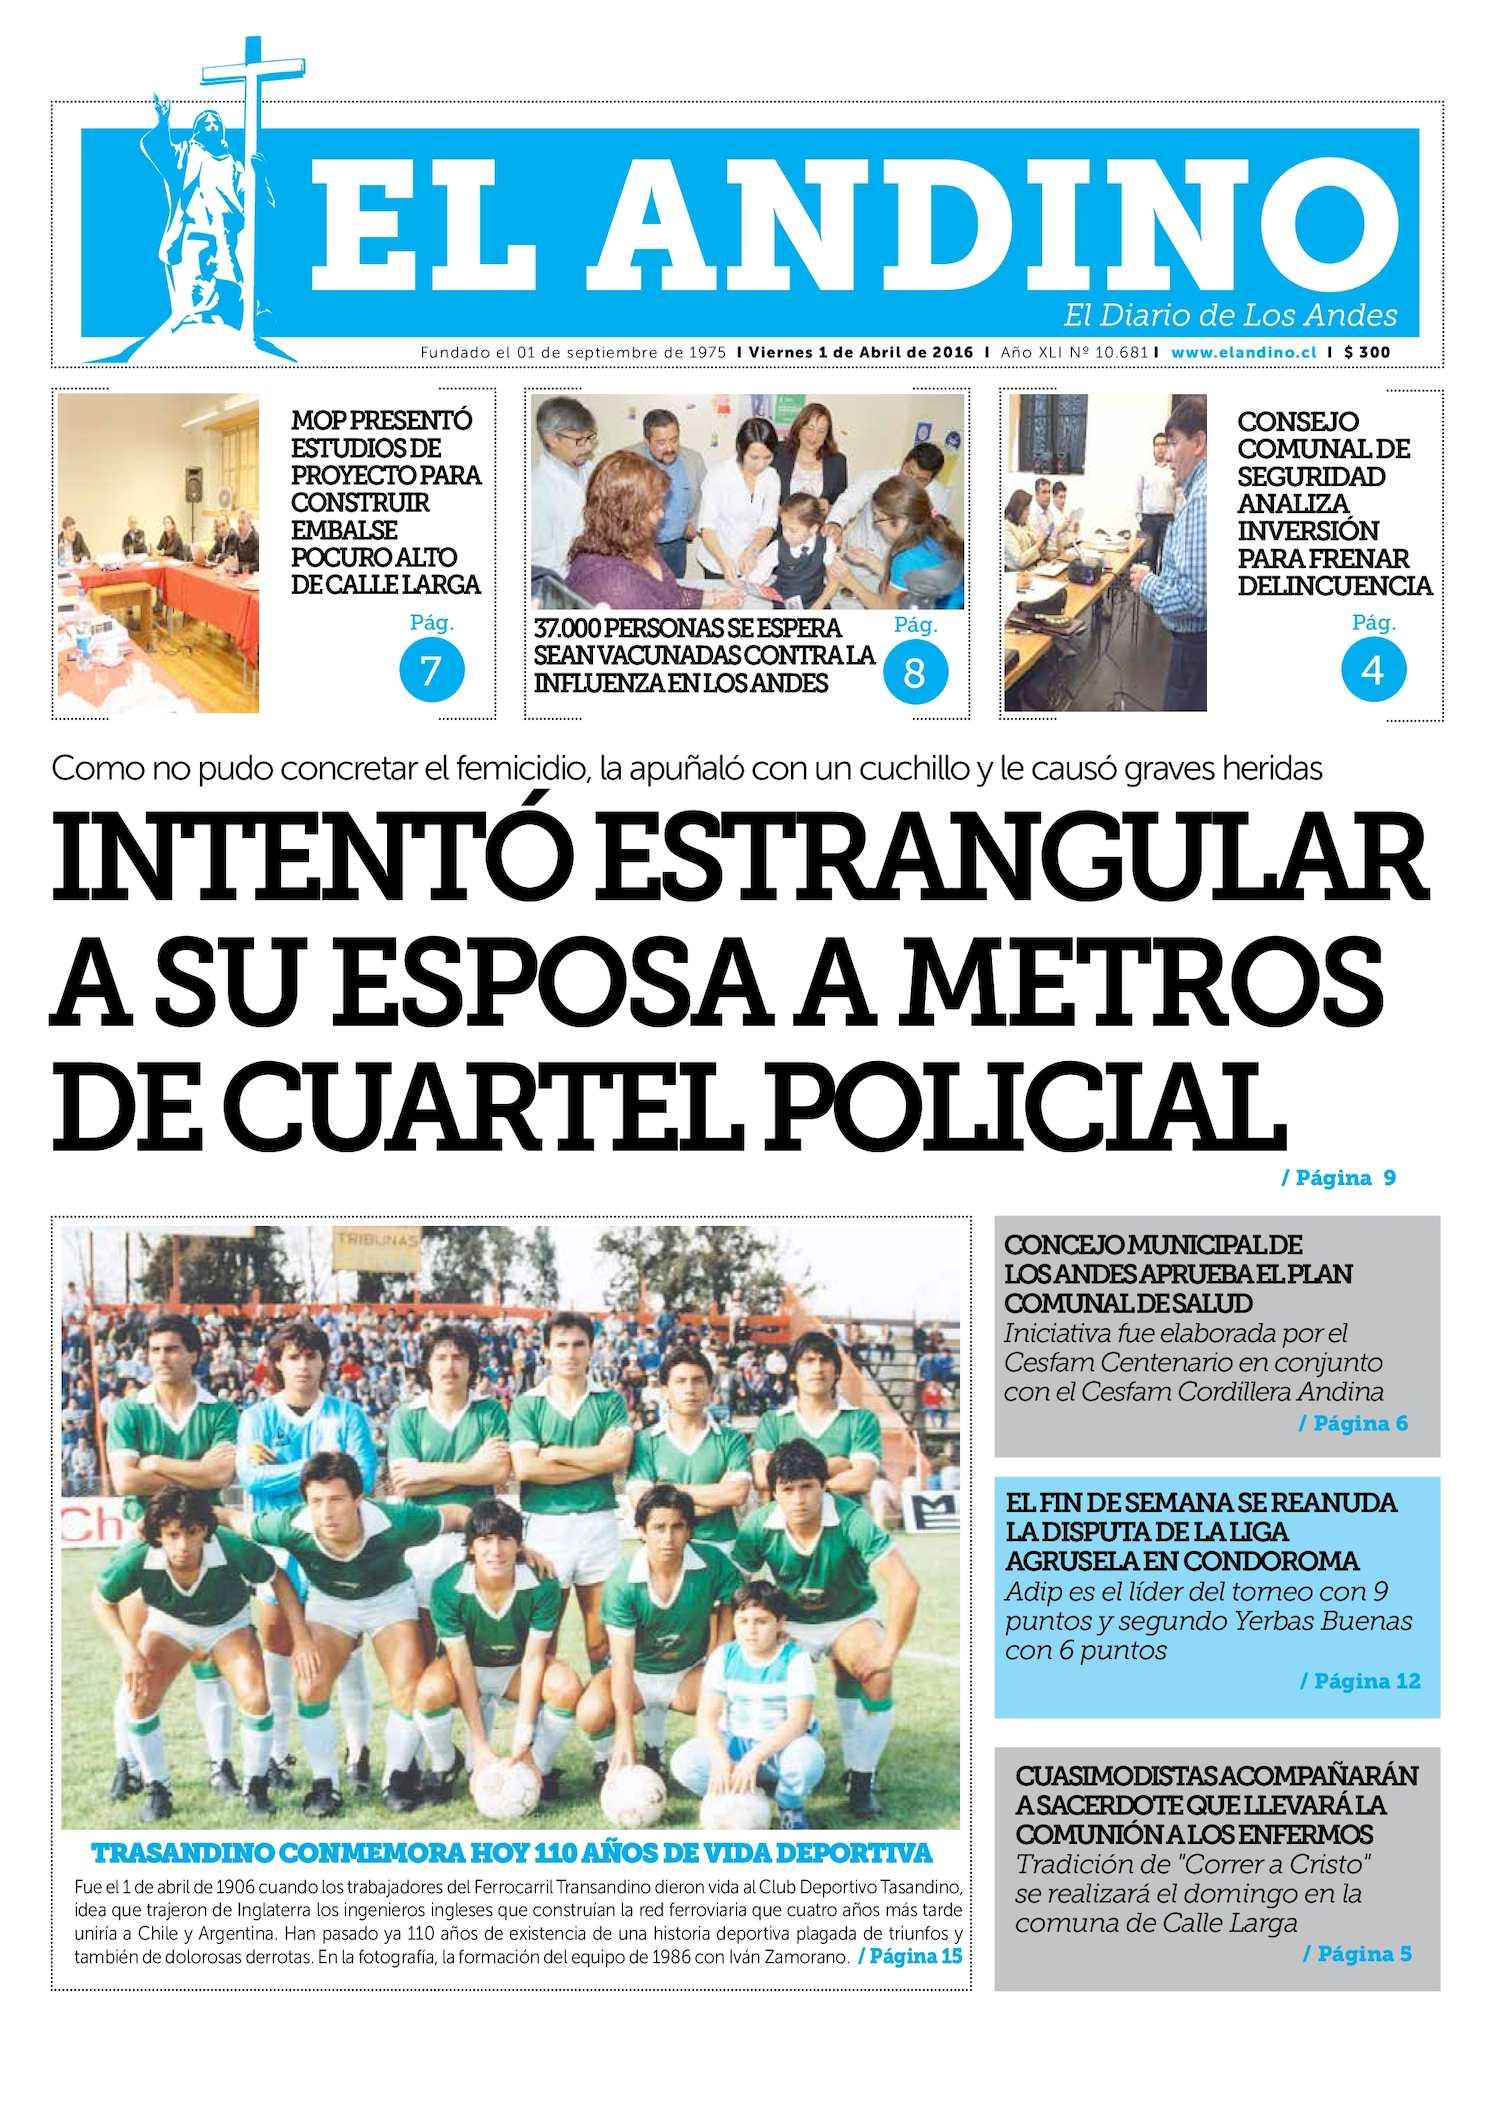 Calaméo - Diario El Andino - Viernes 01 De Abril De 2016